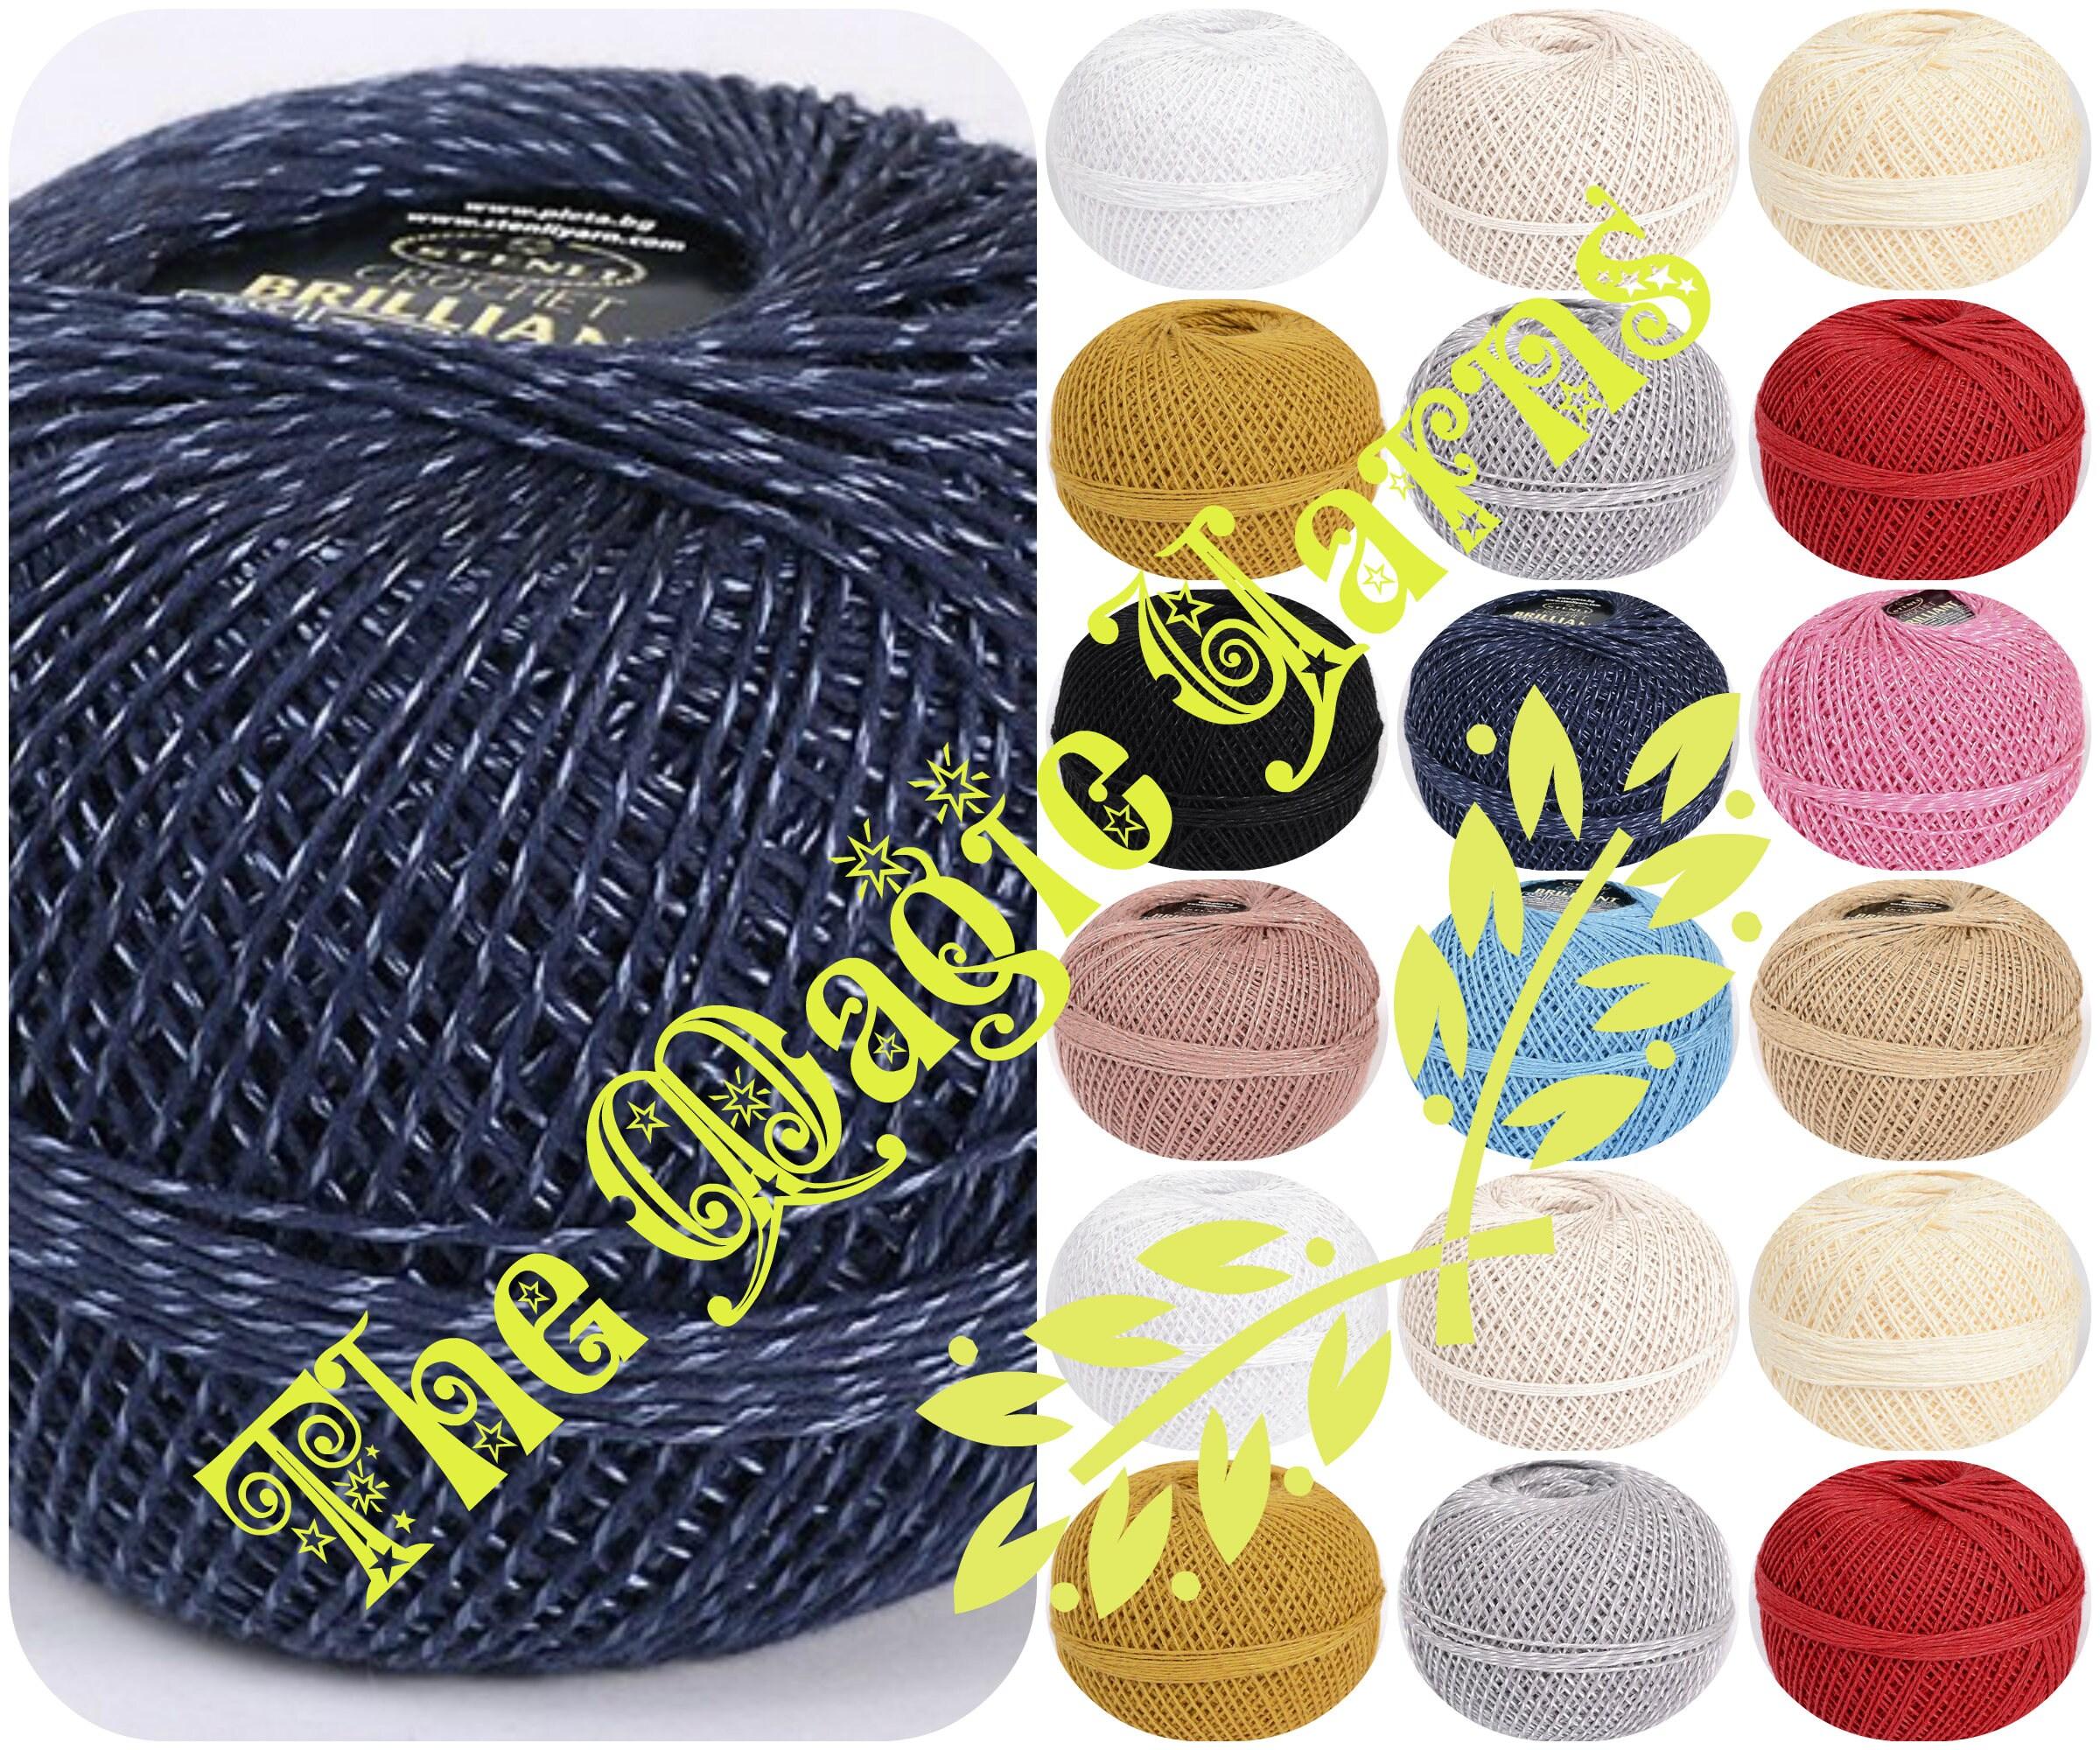 Что вяжут из шёлка - вязание спасет мир 71